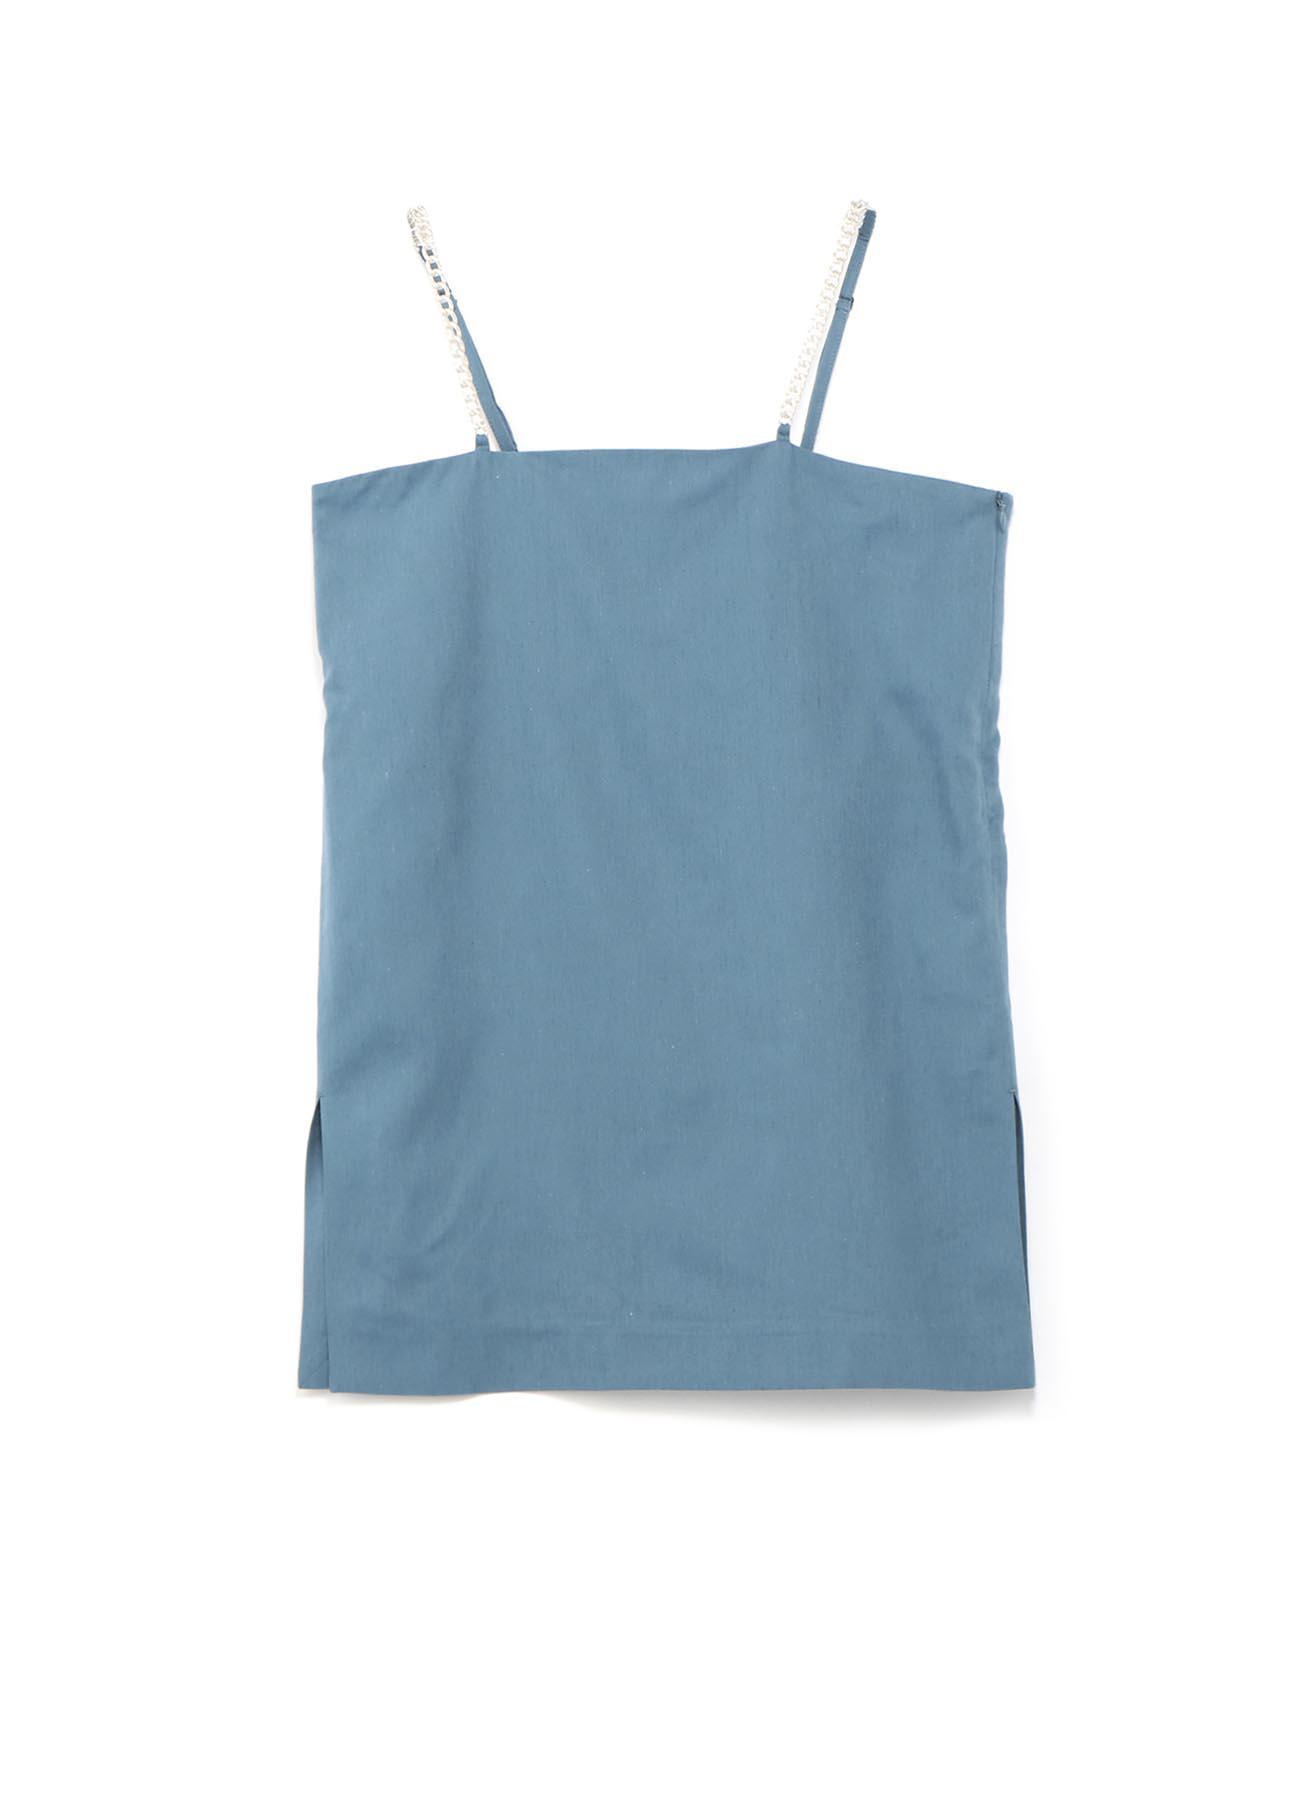 双重肩带吊带